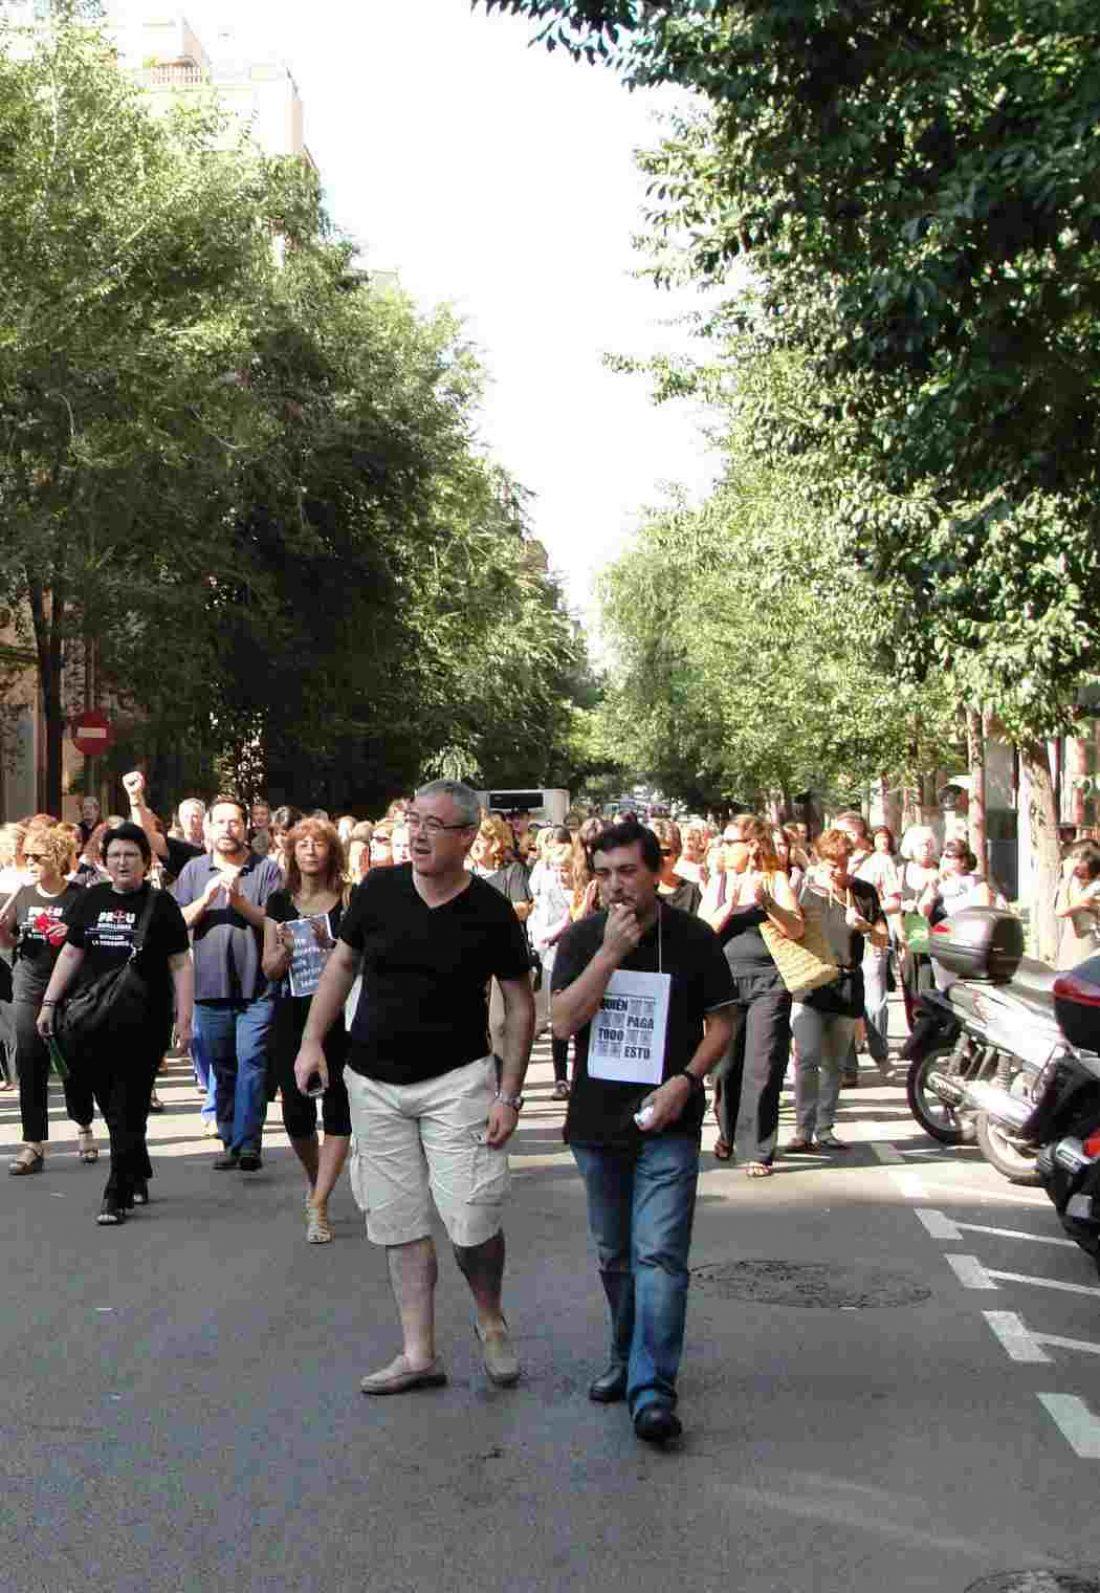 Realizados cortes de tráfico y concentraciones el  viernes 31  agosto en diversos lugares de  Barcelona y l´Hospitalet. Nuevo viernes negro en Barcelona